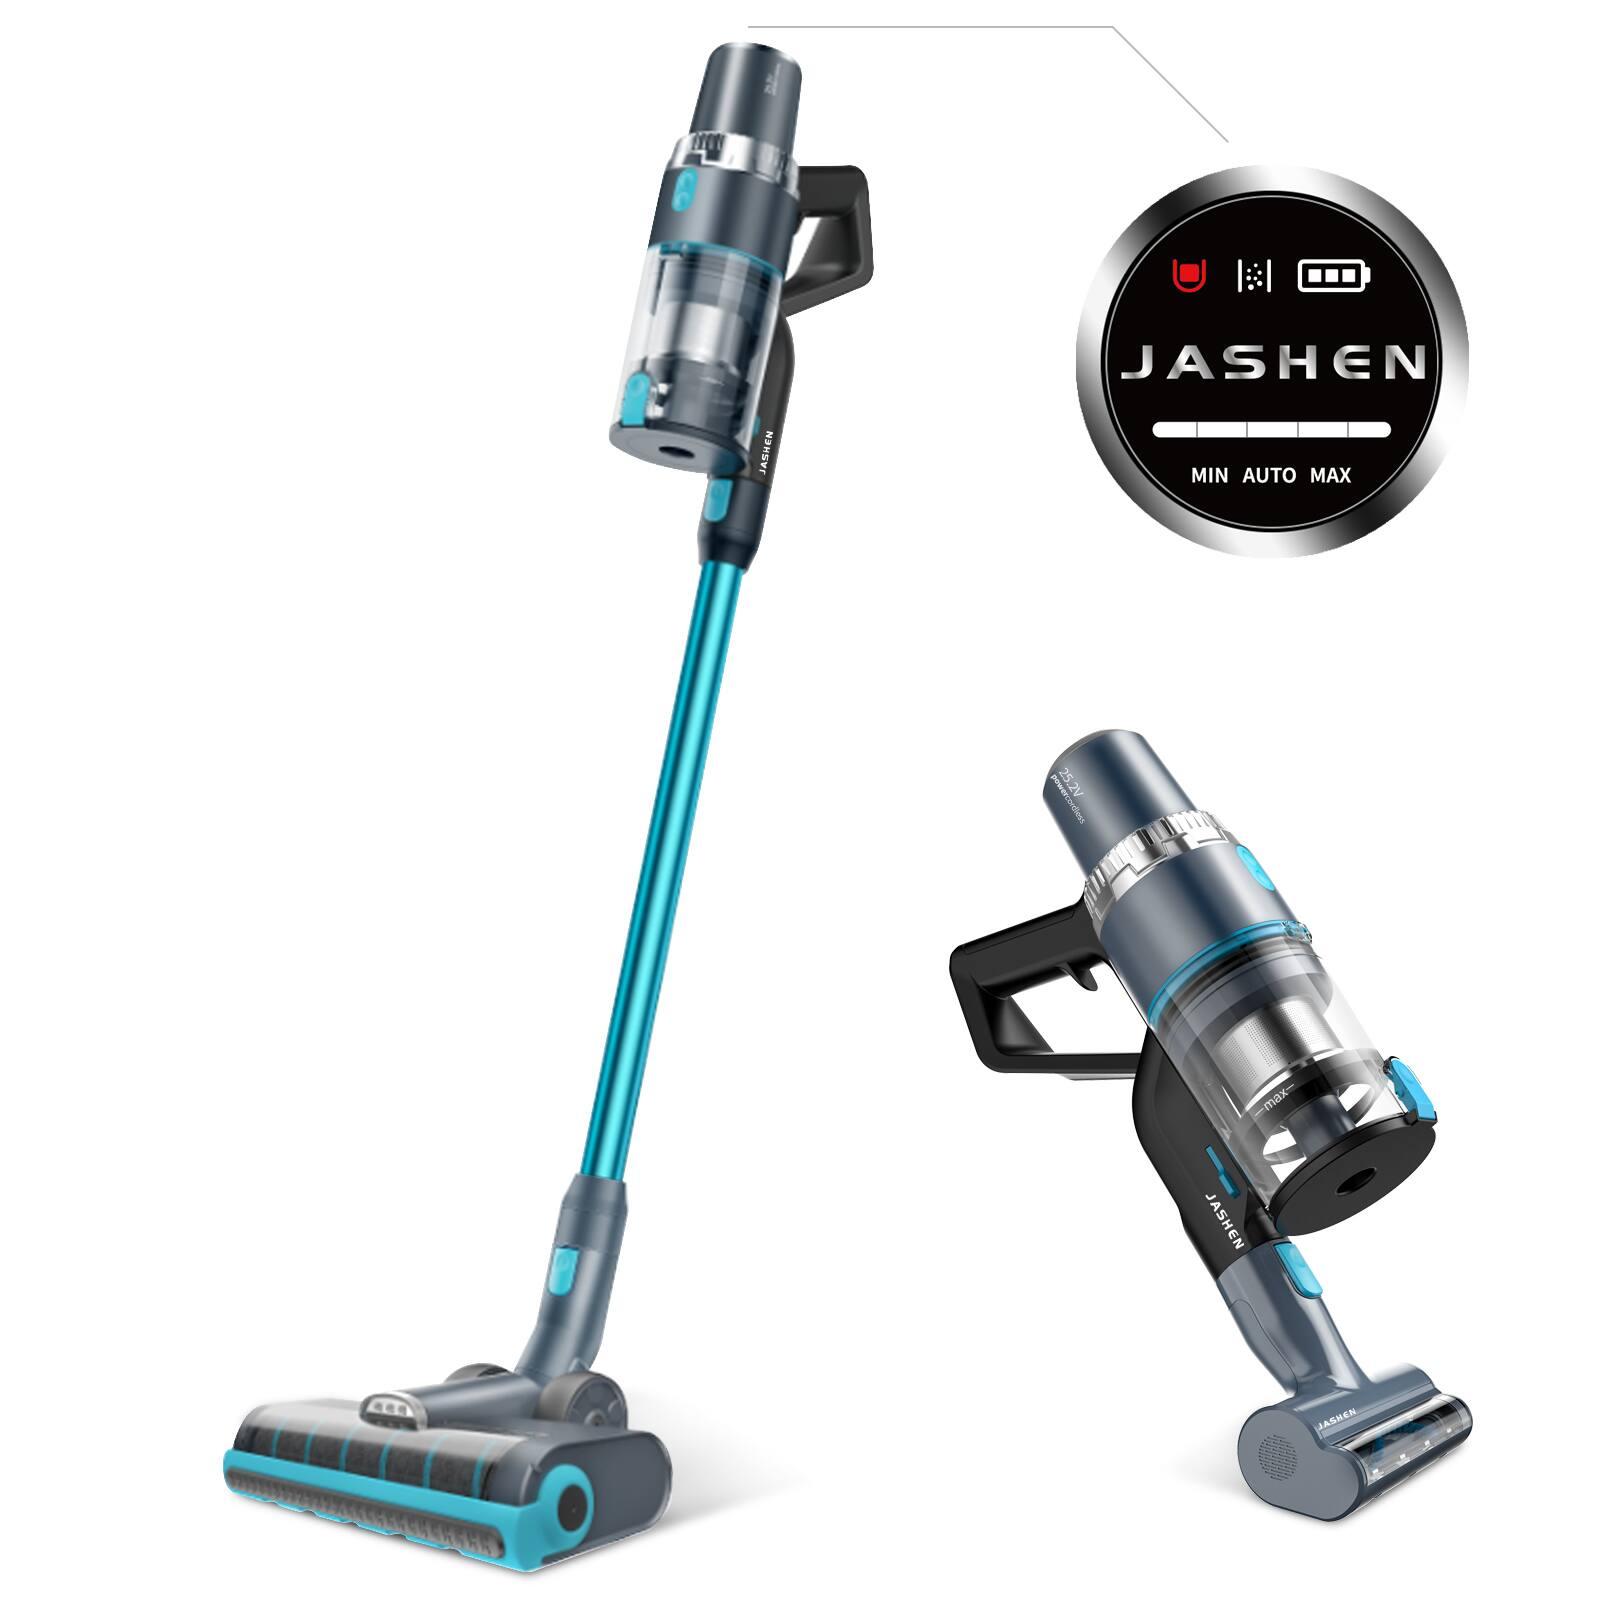 JASHEN V18 Cordless Stick Vacuum ($139.59 + Free Shipping)